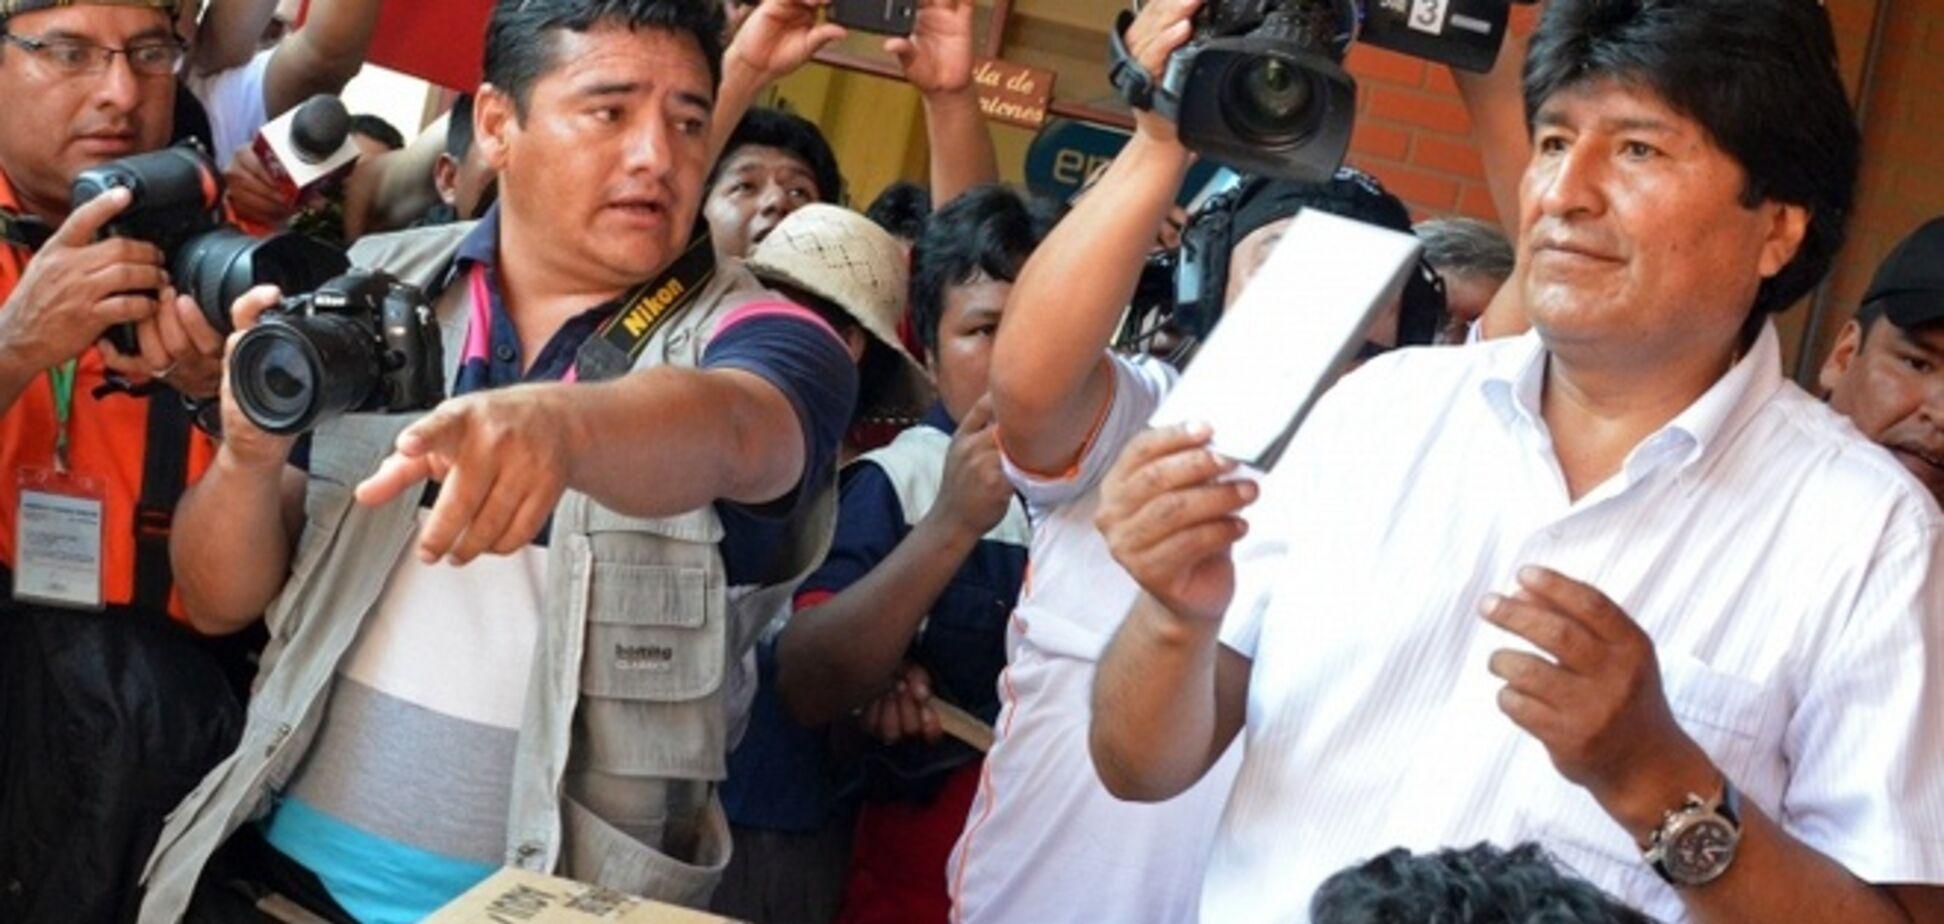 Діючий президент Болівії оголосив про свою перемогу на виборах, не чекаючи офіційних результатів